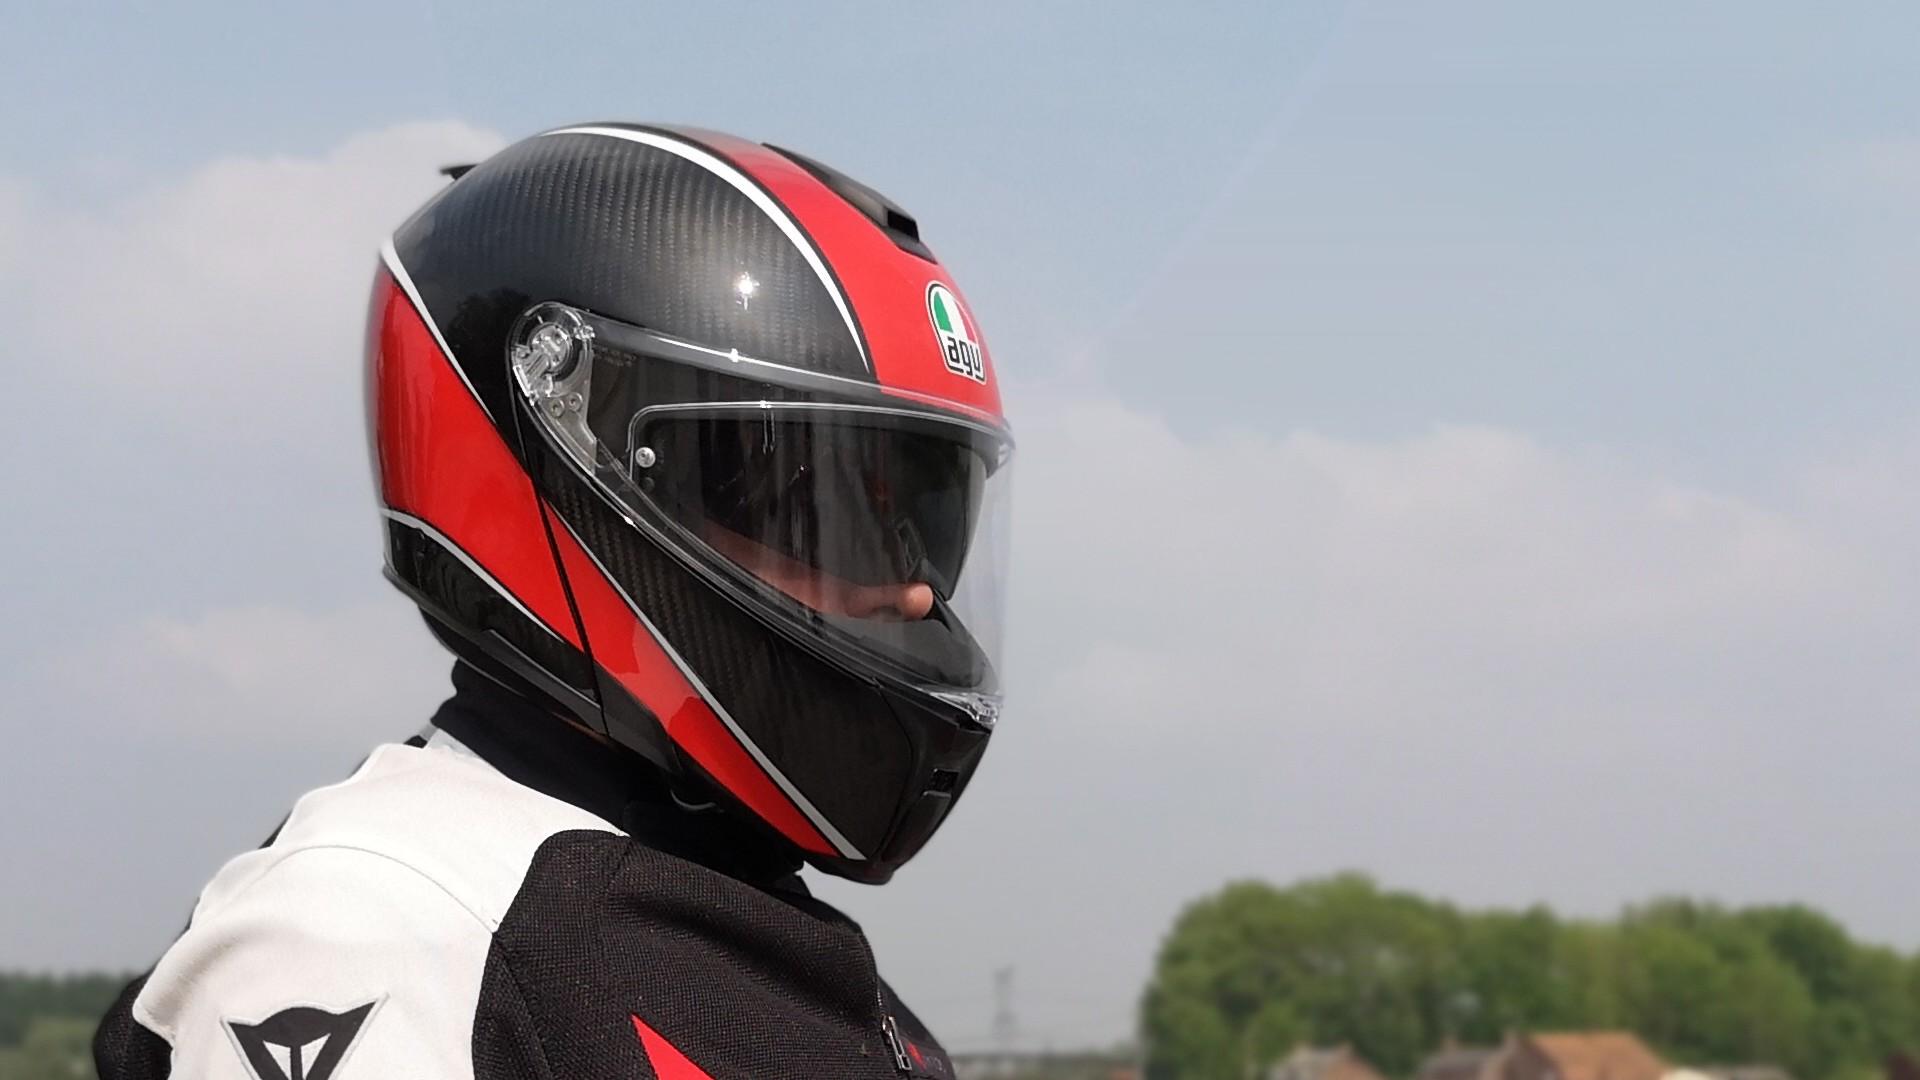 Au premier coup d'œil, pas facile de dire que le casque AGV SportModular est un modulable